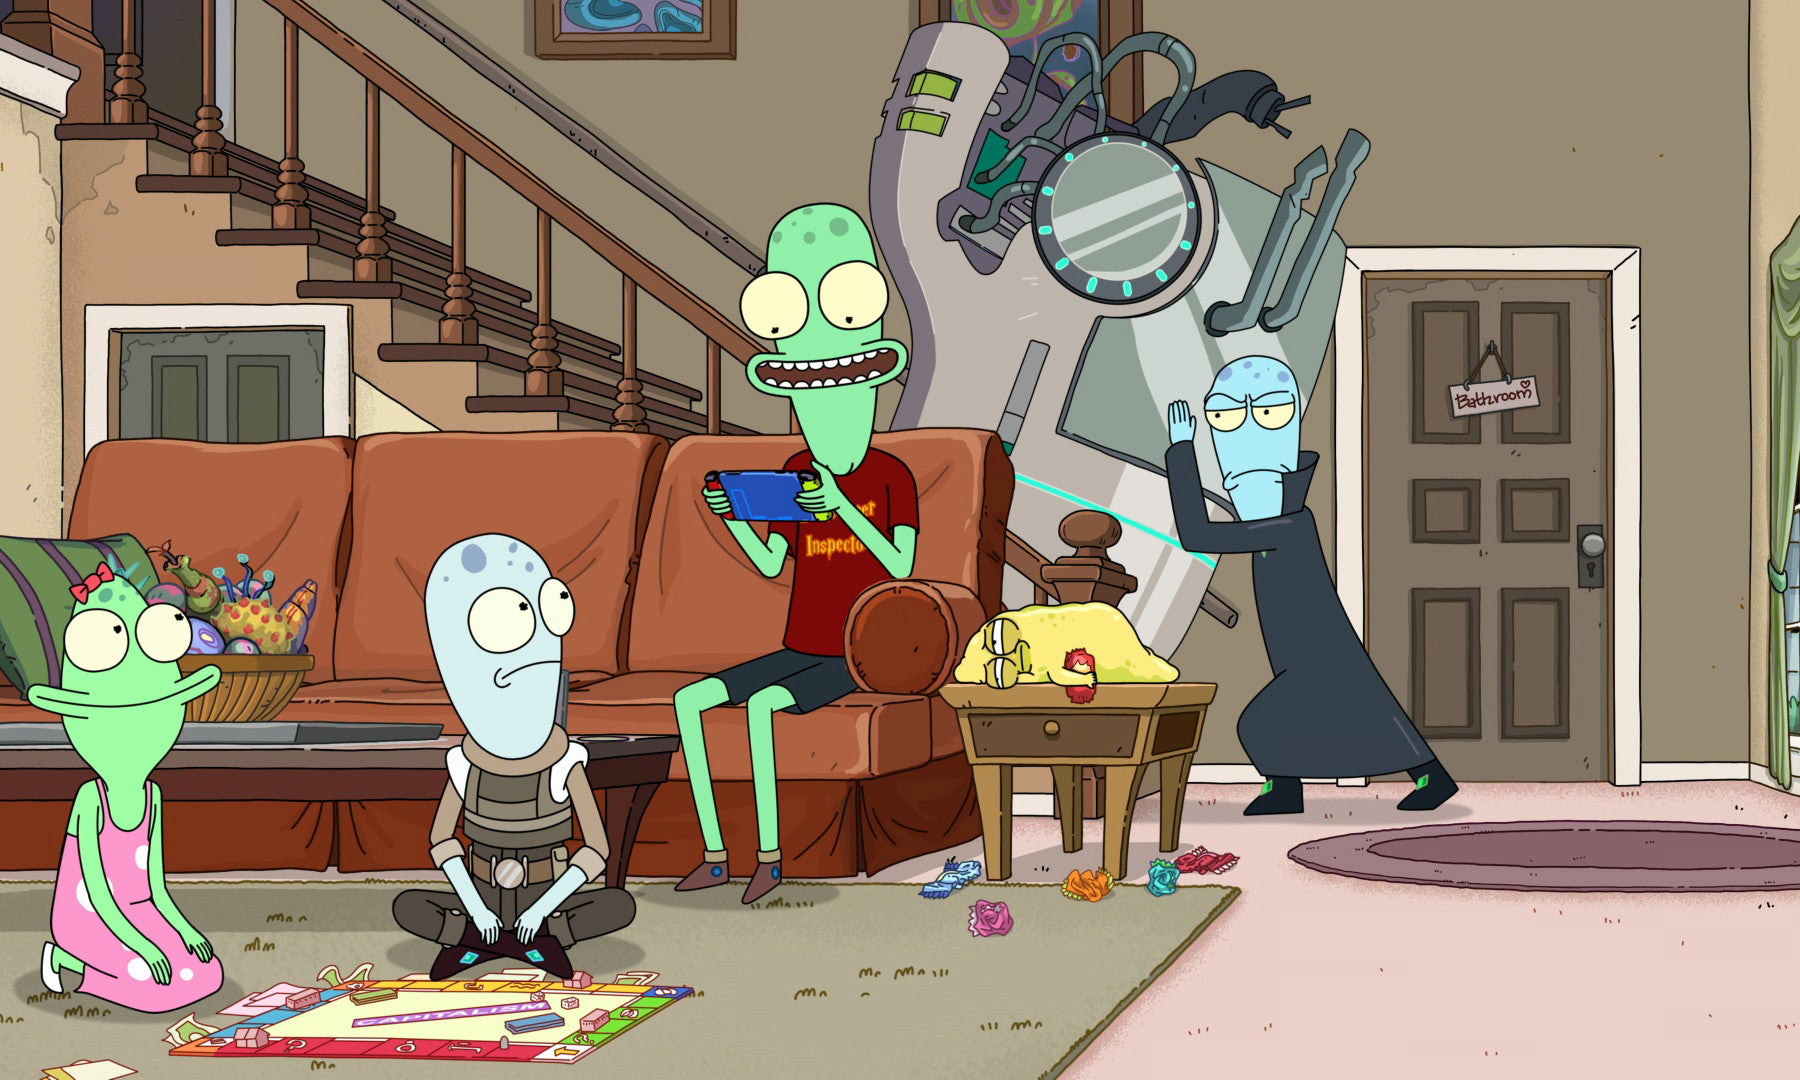 《瑞克和莫蒂》主创打造,全新动画片《外星也难民》曝光正式预告片